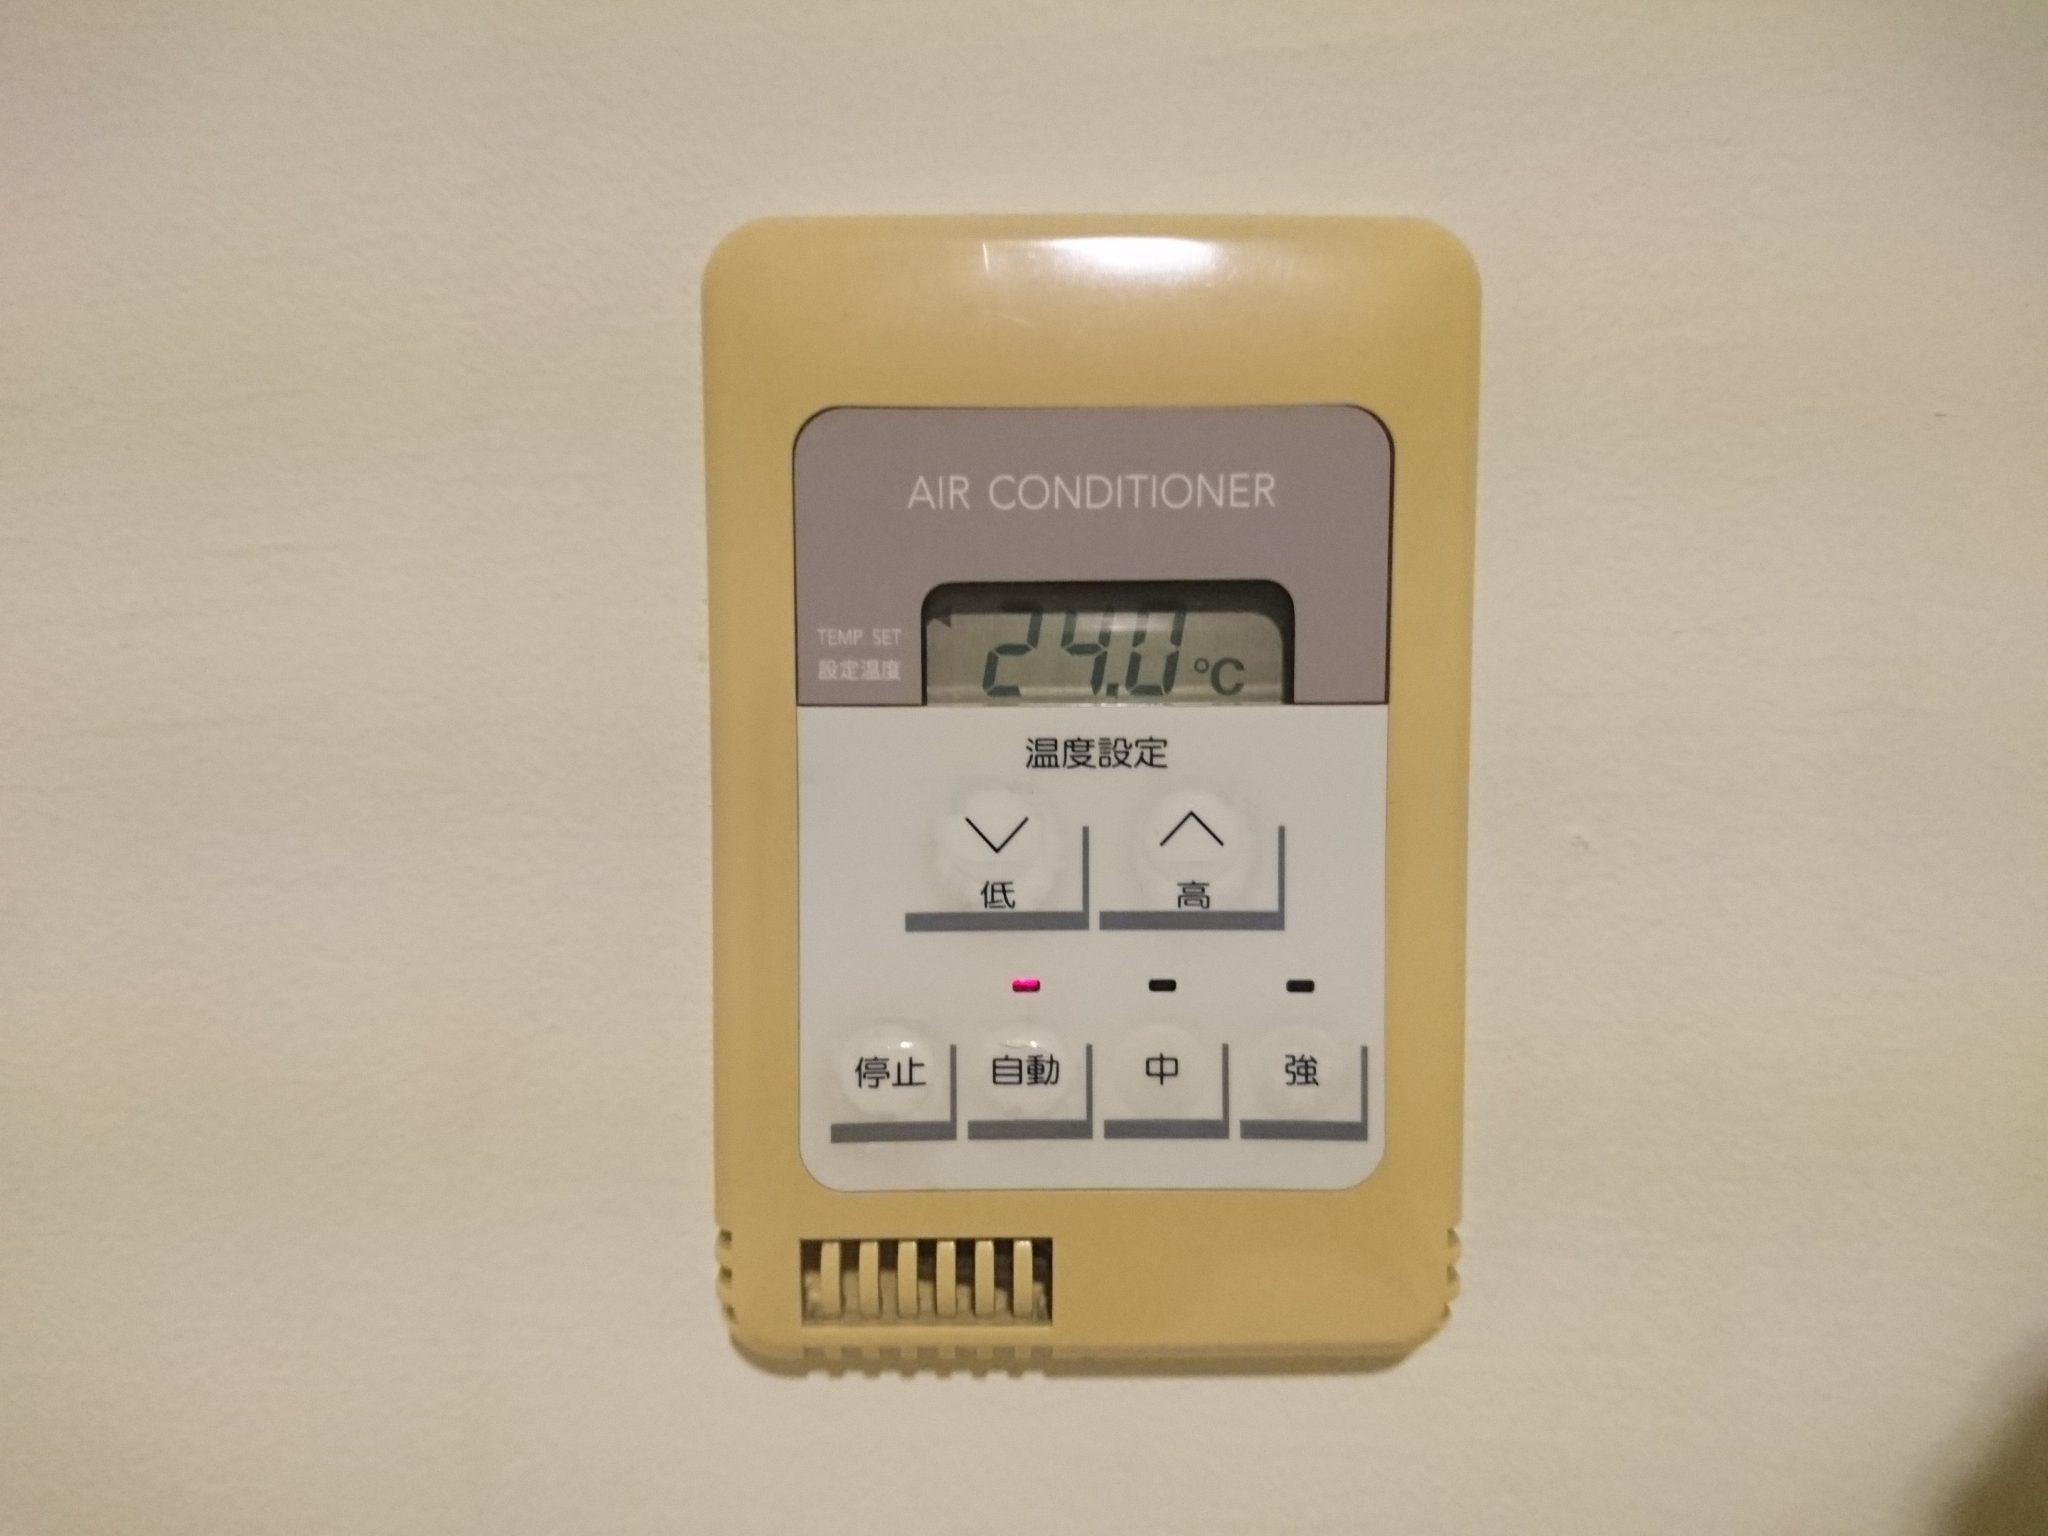 プレミアホテル-CABIN 空調